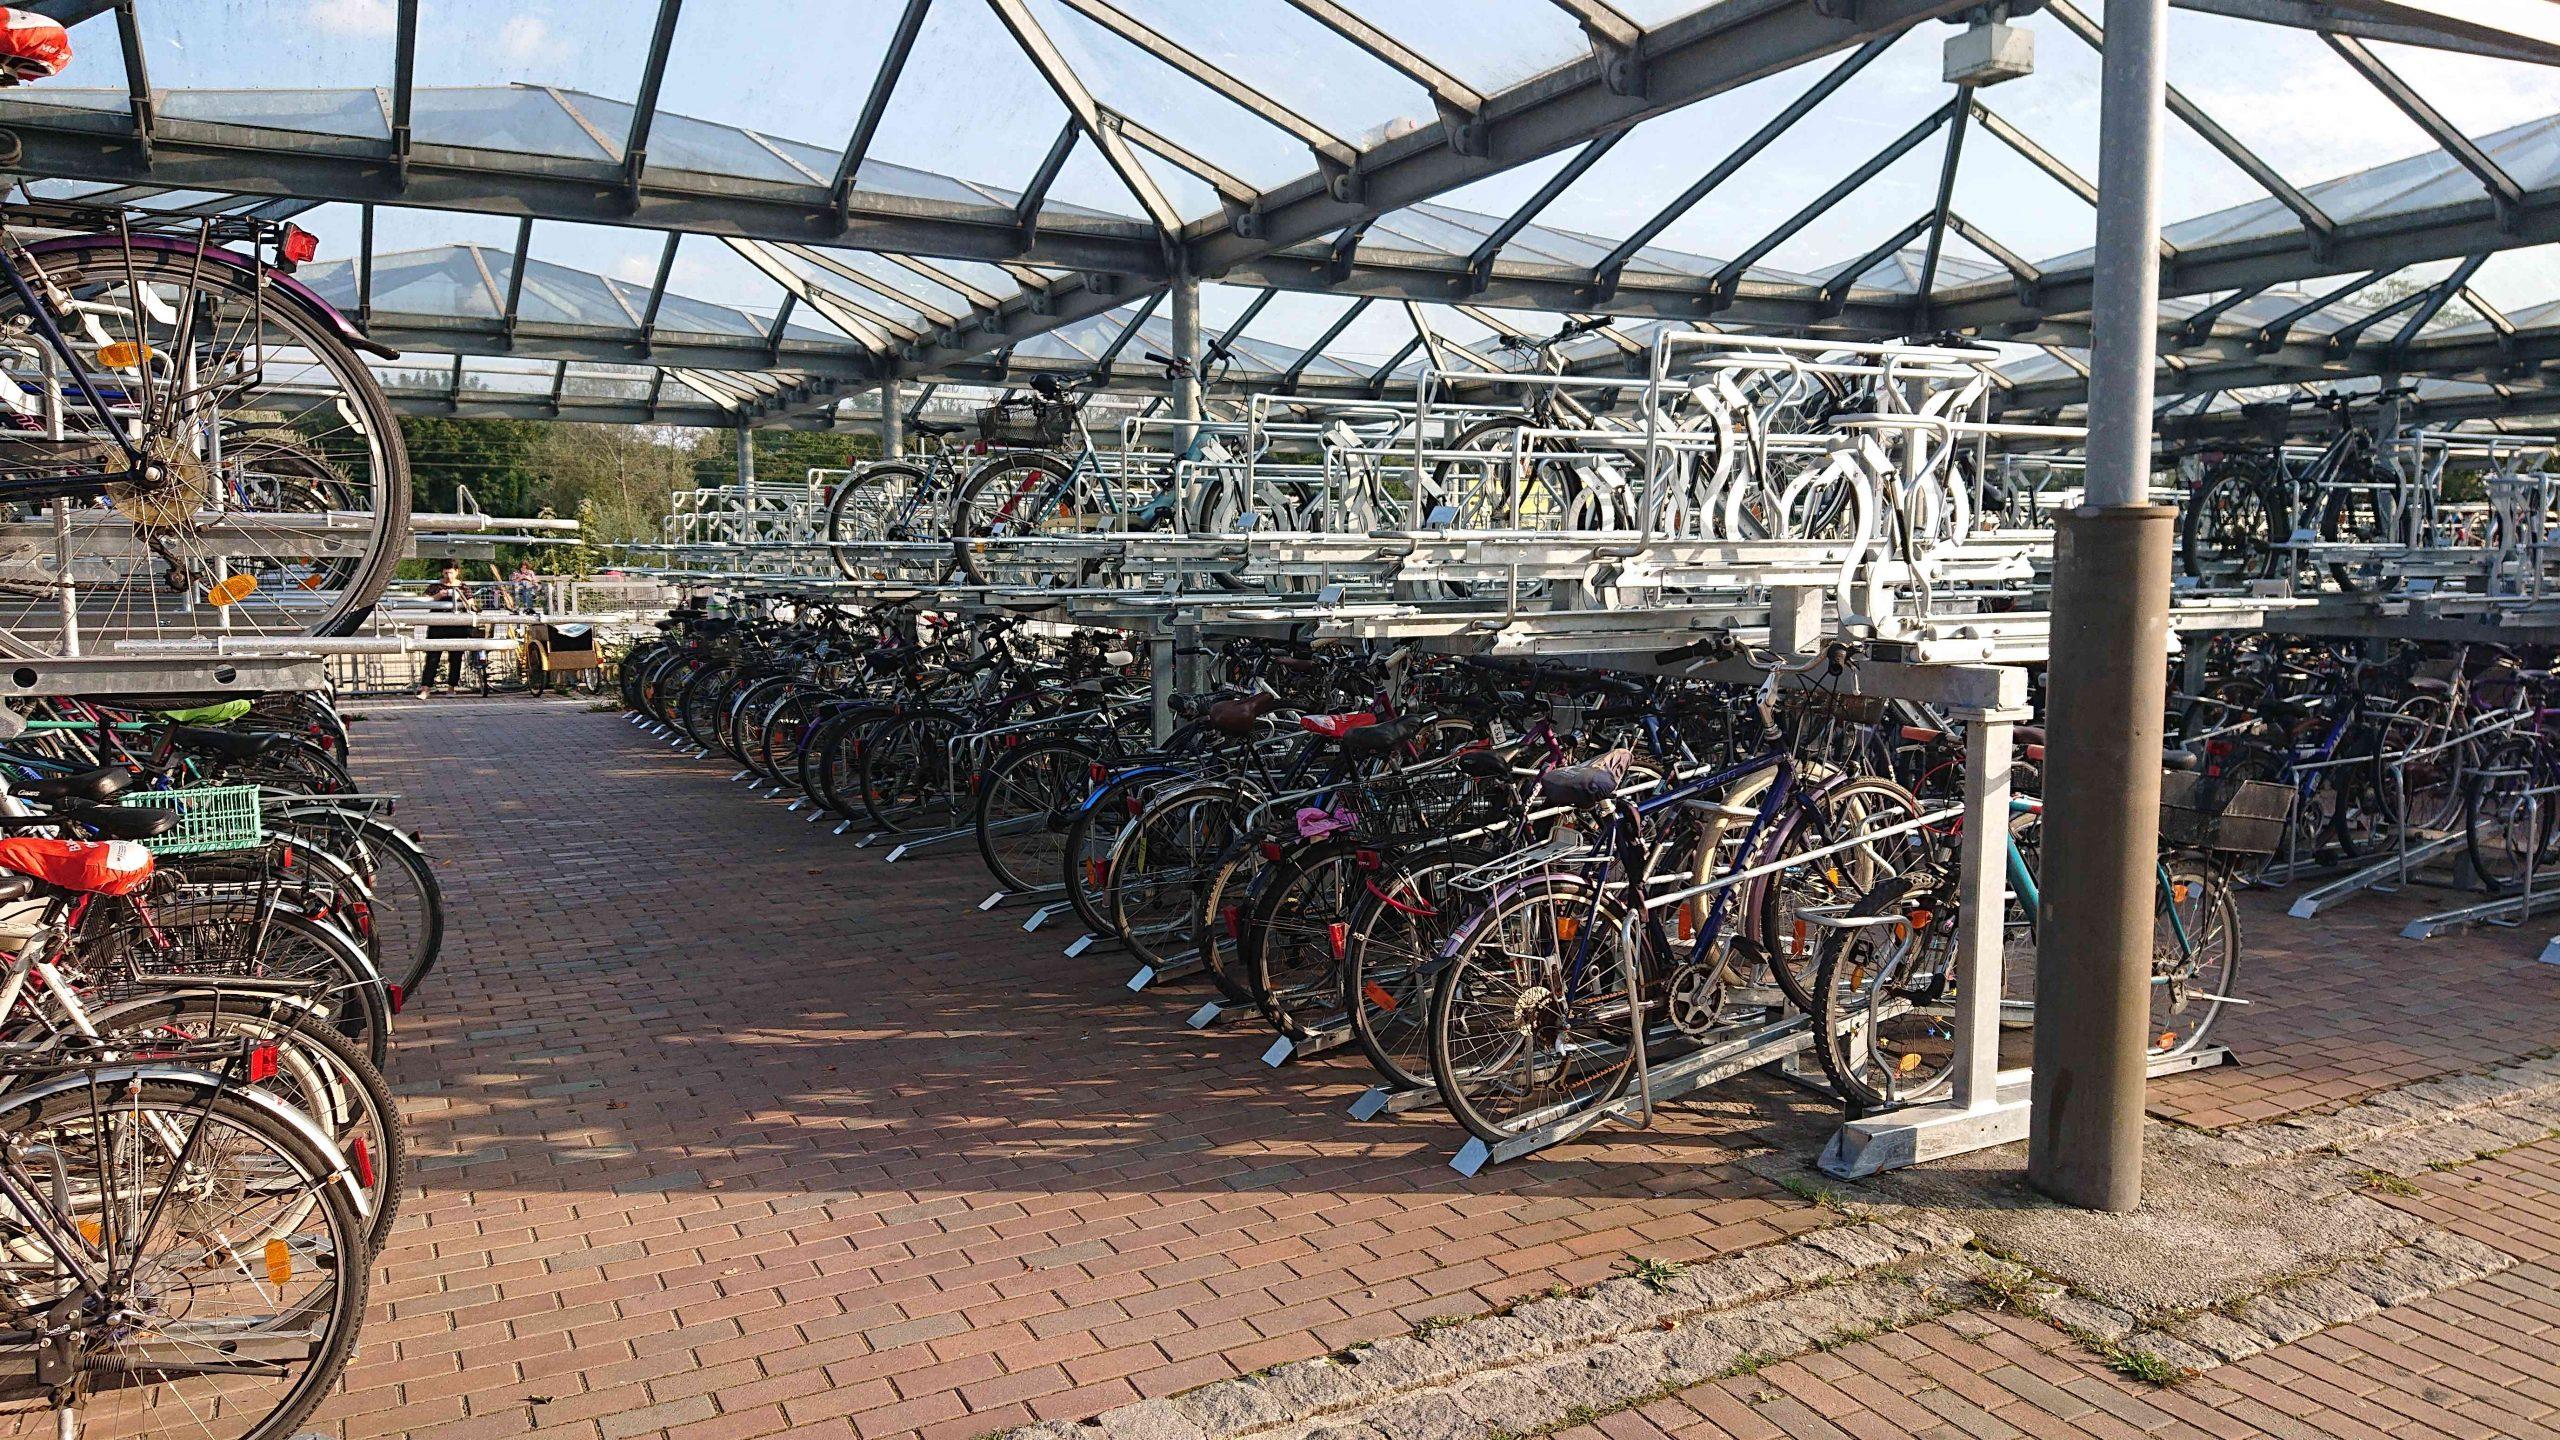 Fahrradständer am Bahnhof